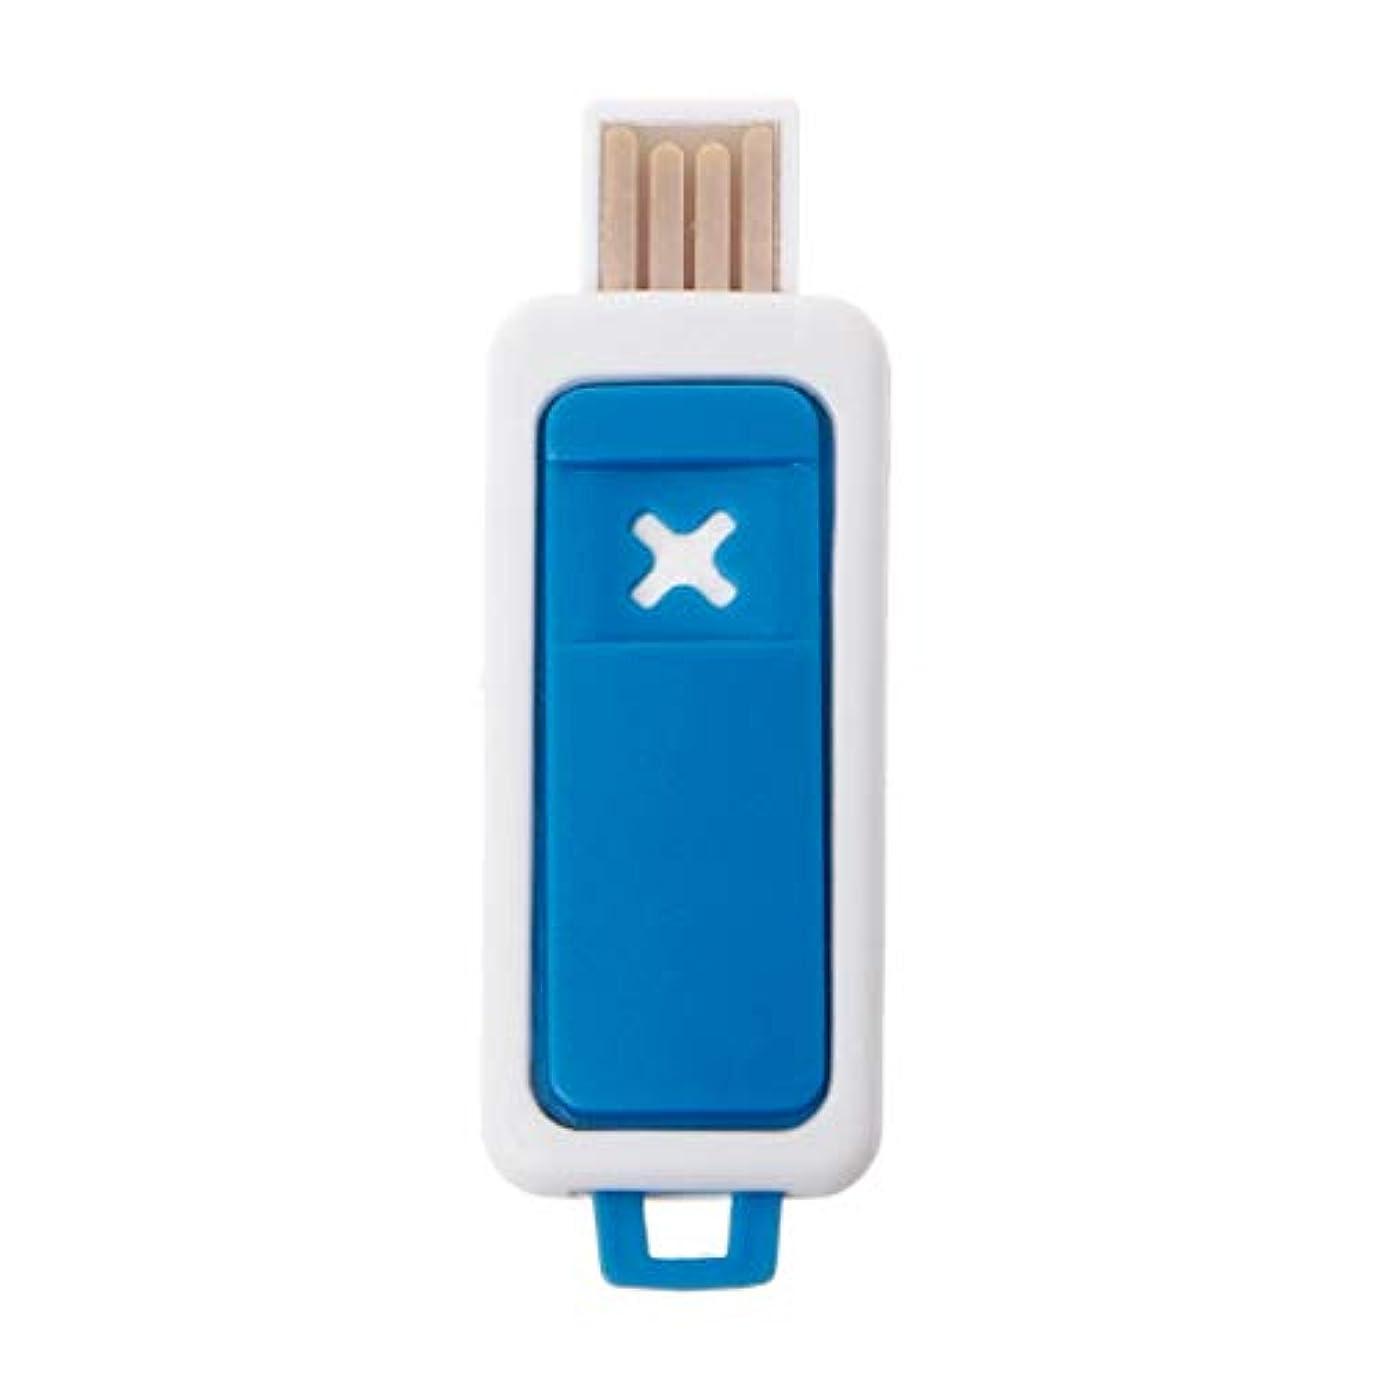 ユーモアまた明日ね啓発するSimpleLife ポータブルミニエッセンシャルオイルディフューザーアロマUSBアロマセラピー加湿器デバイス(ブルー2.3x6.7cm / 0.91x2.64in)